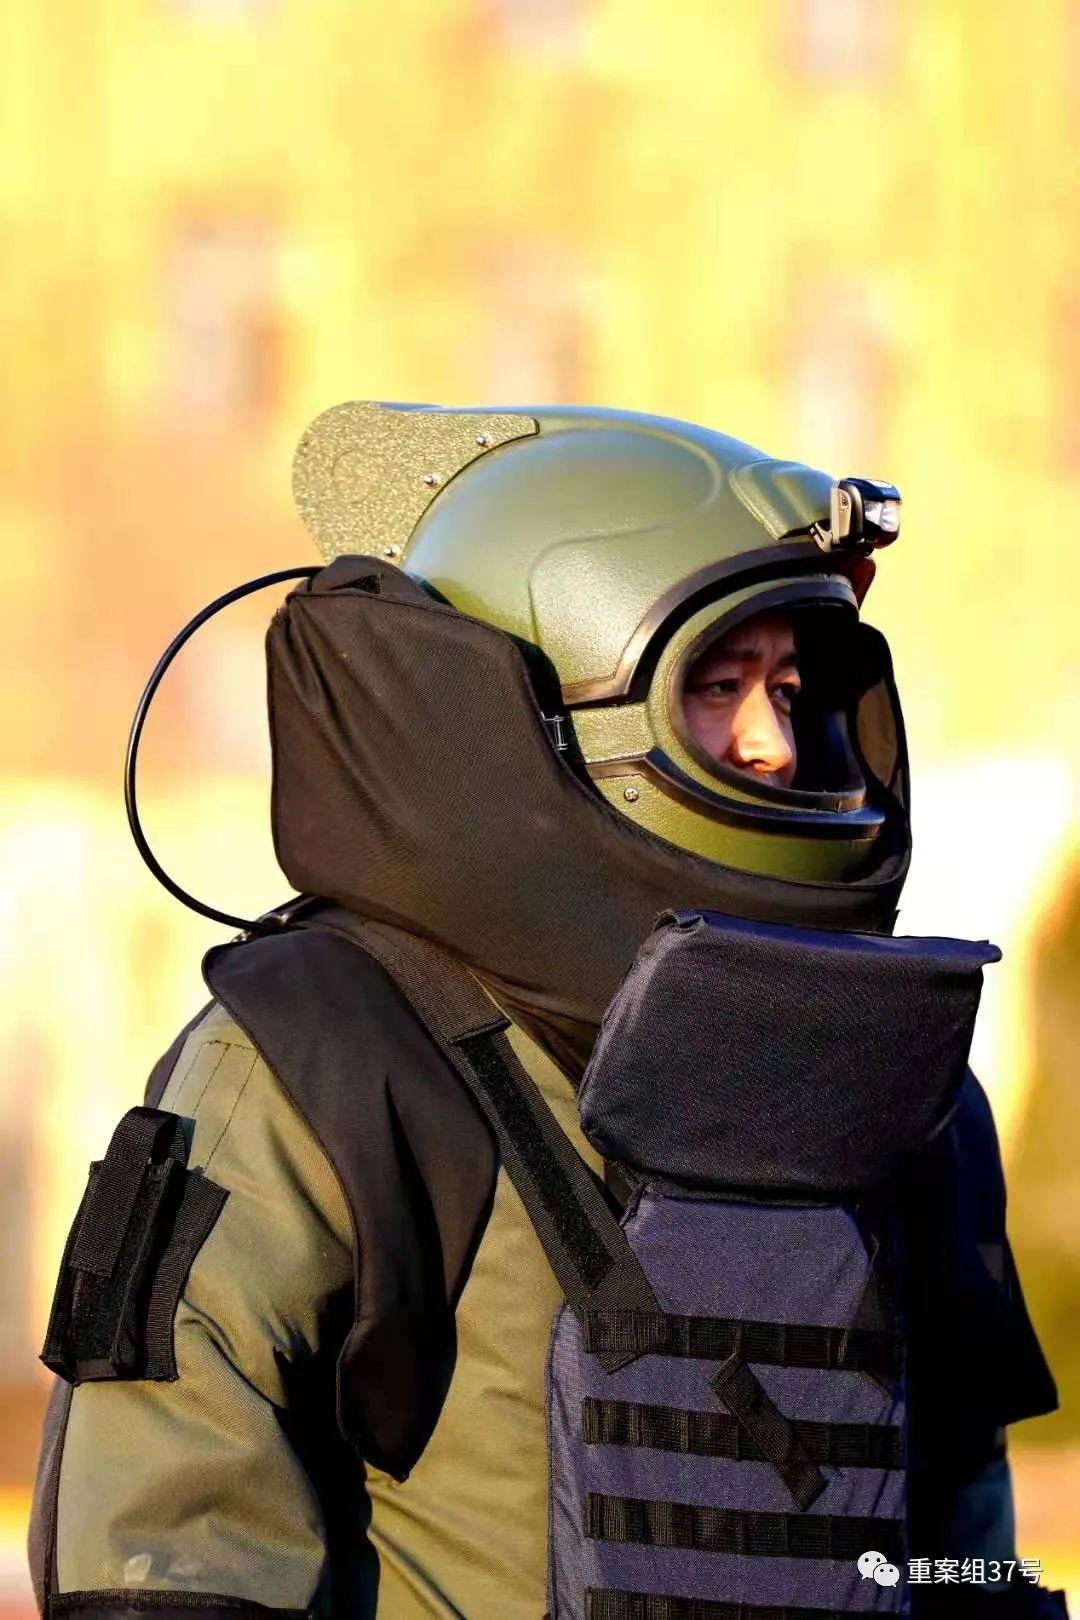 ▲晋城市公安局特警队员、首席排爆手郭保军。受访者供图